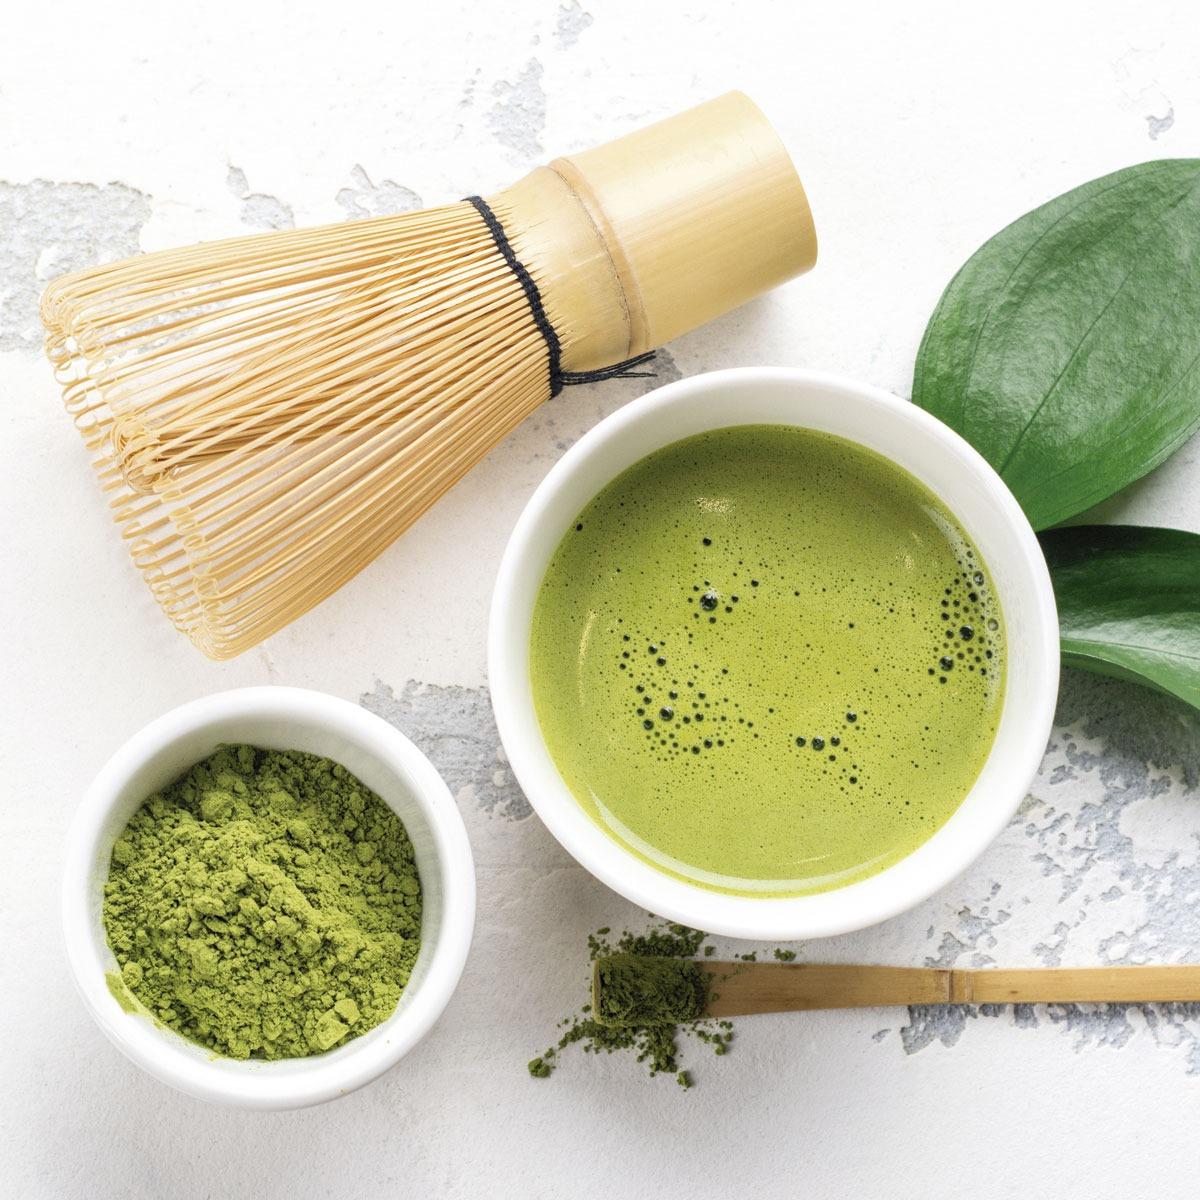 Té matcha, un superalimento rico, nutritivo y medicinal